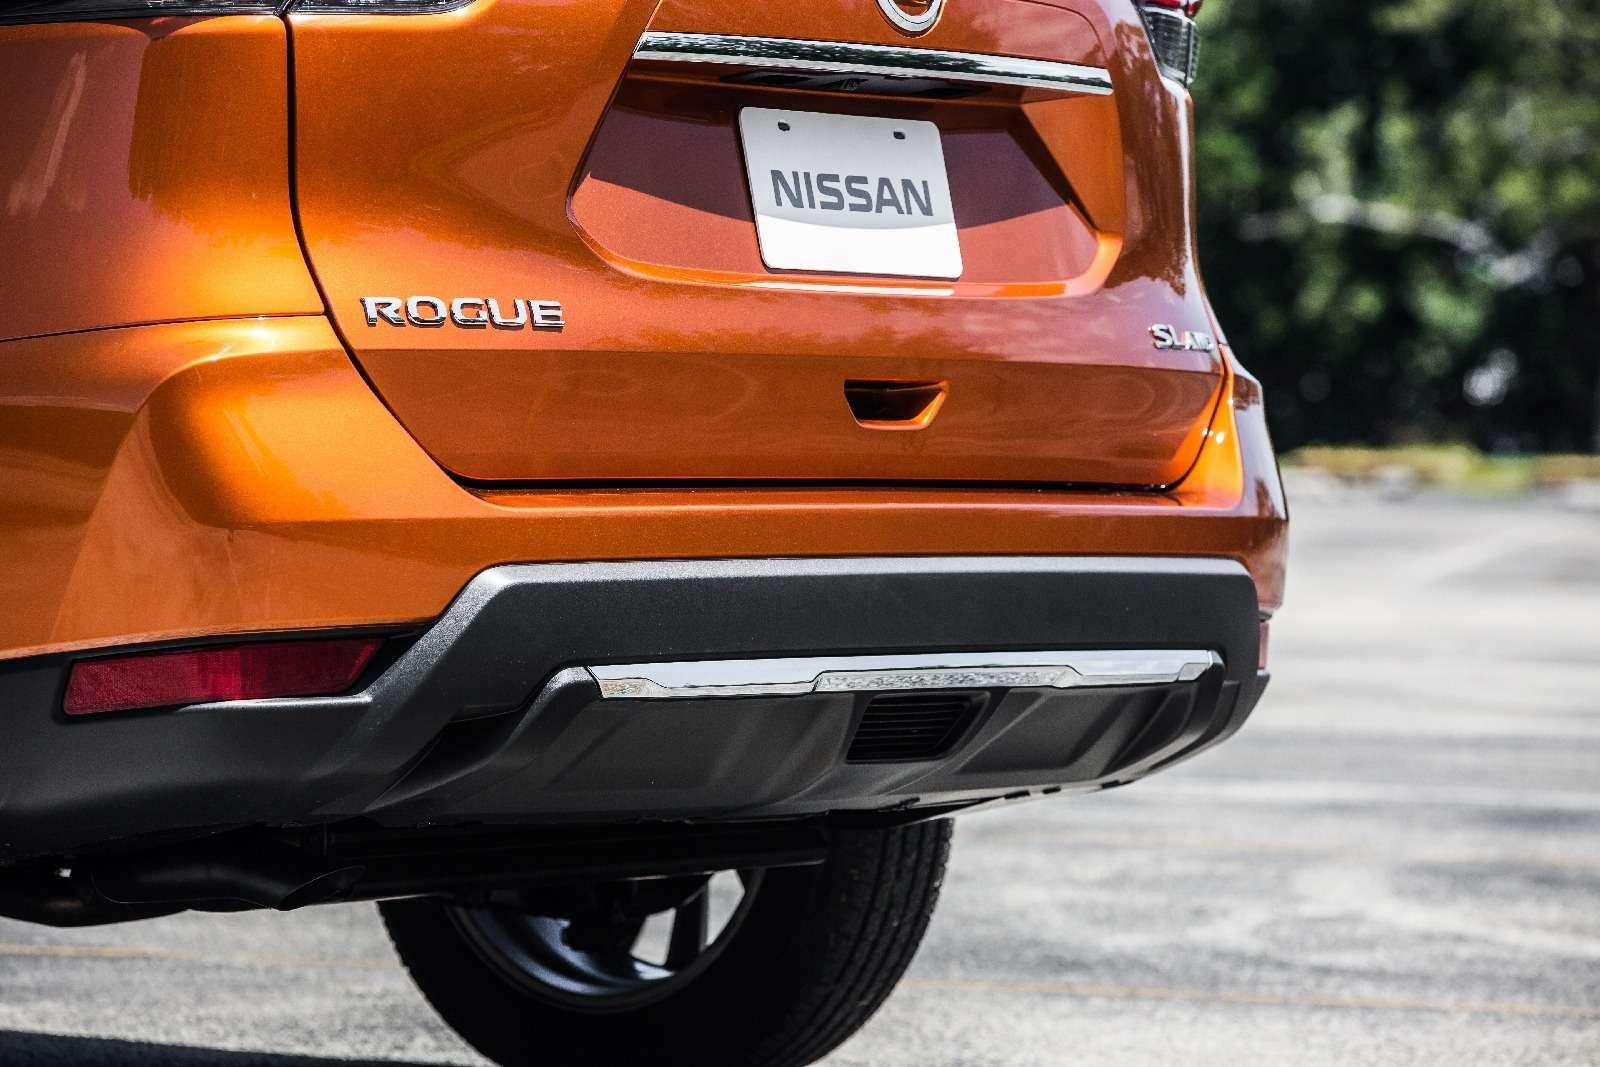 Говорим Rogue, подразумеваем X-Trail: популярный кроссовер Nissan обновился— фото 633620